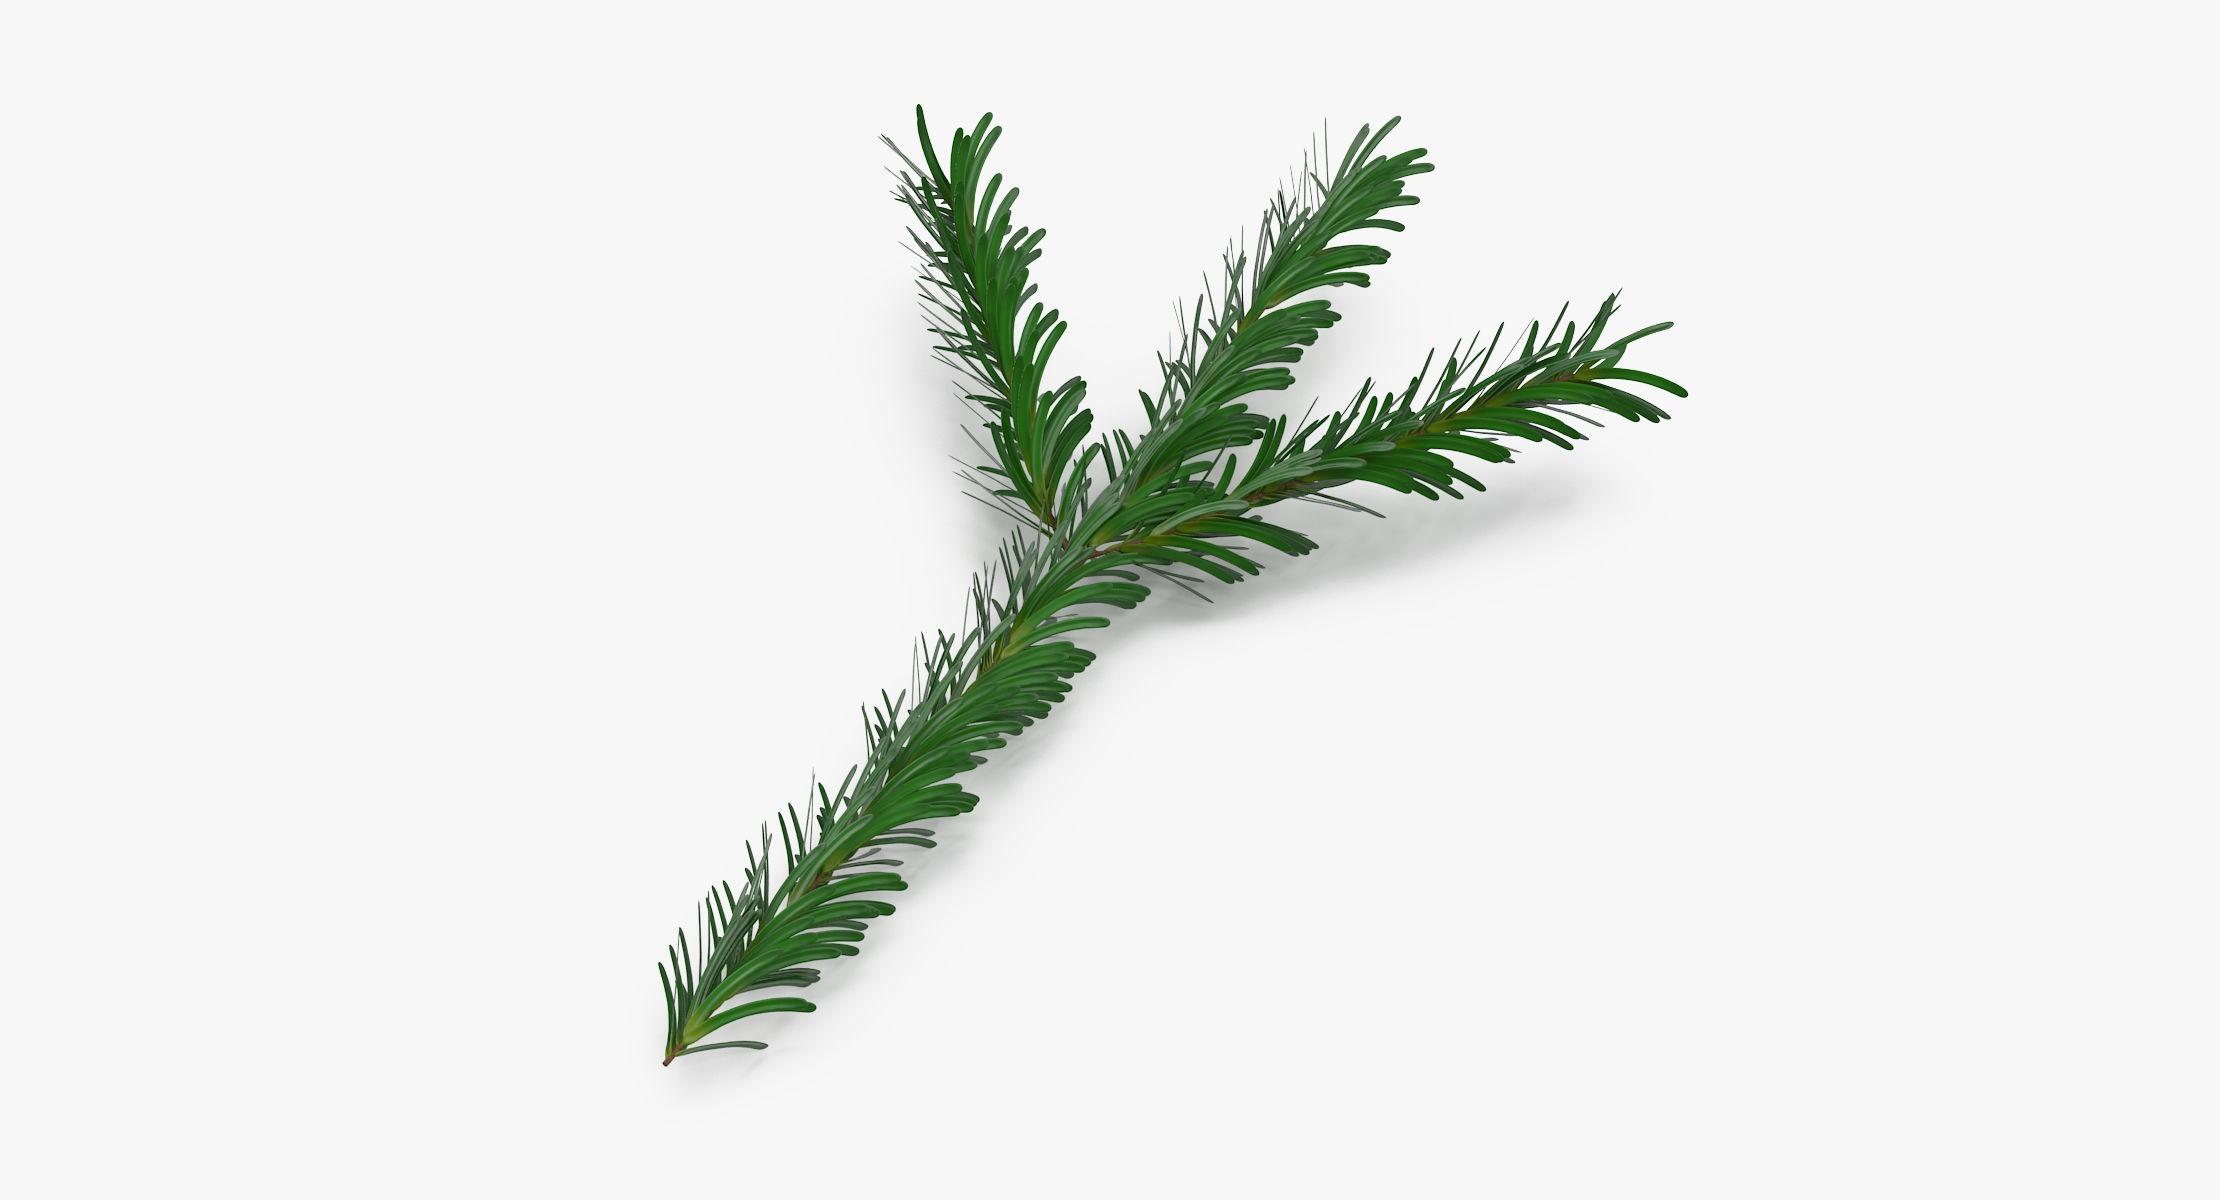 Pine Tree Sprig 01 - reel 1